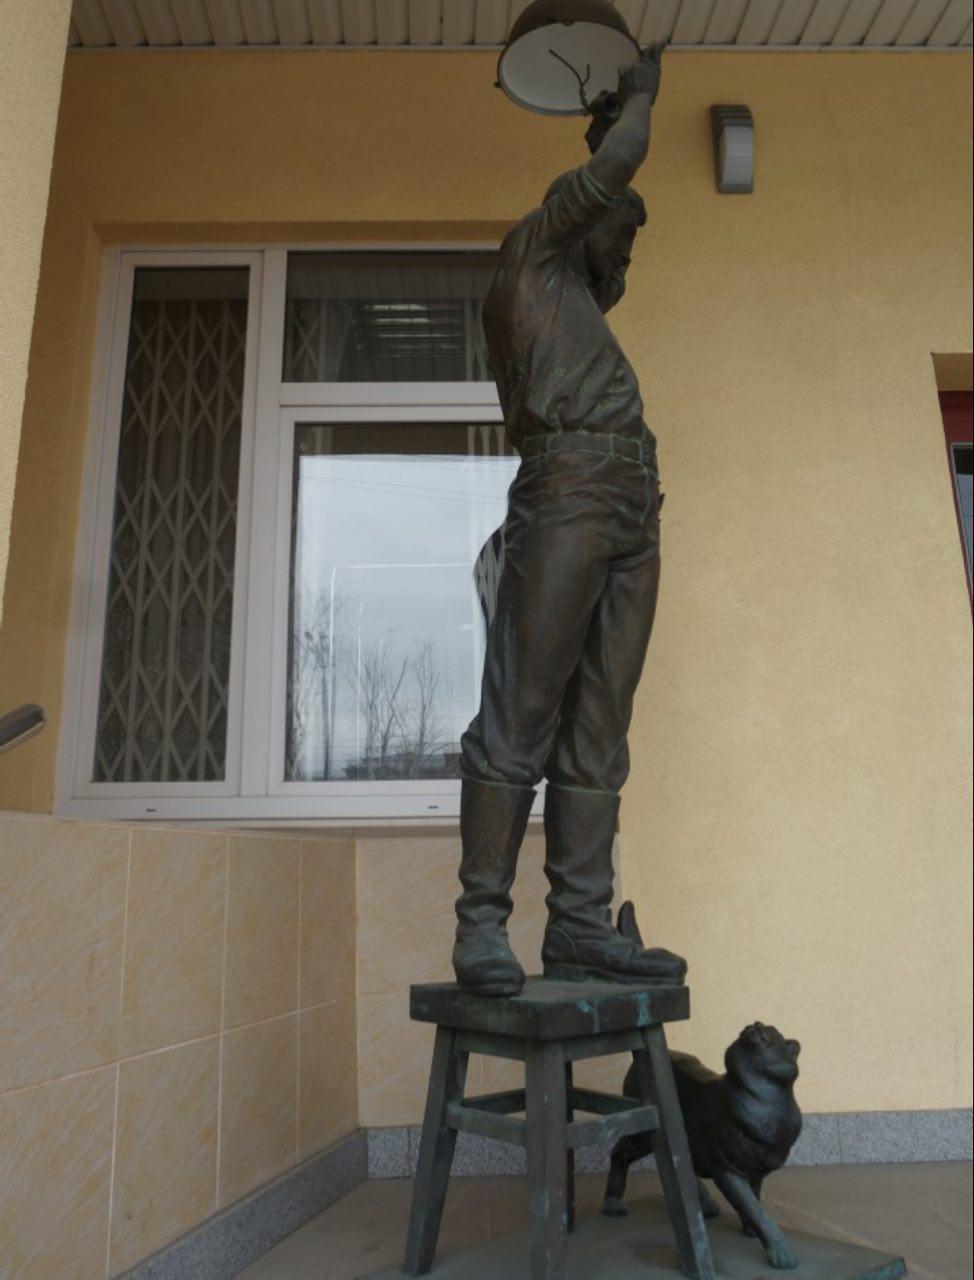 Скульптура электрика с котом, возможно, тоже уже продана, как электросетевое имущество. Фото «День.org»